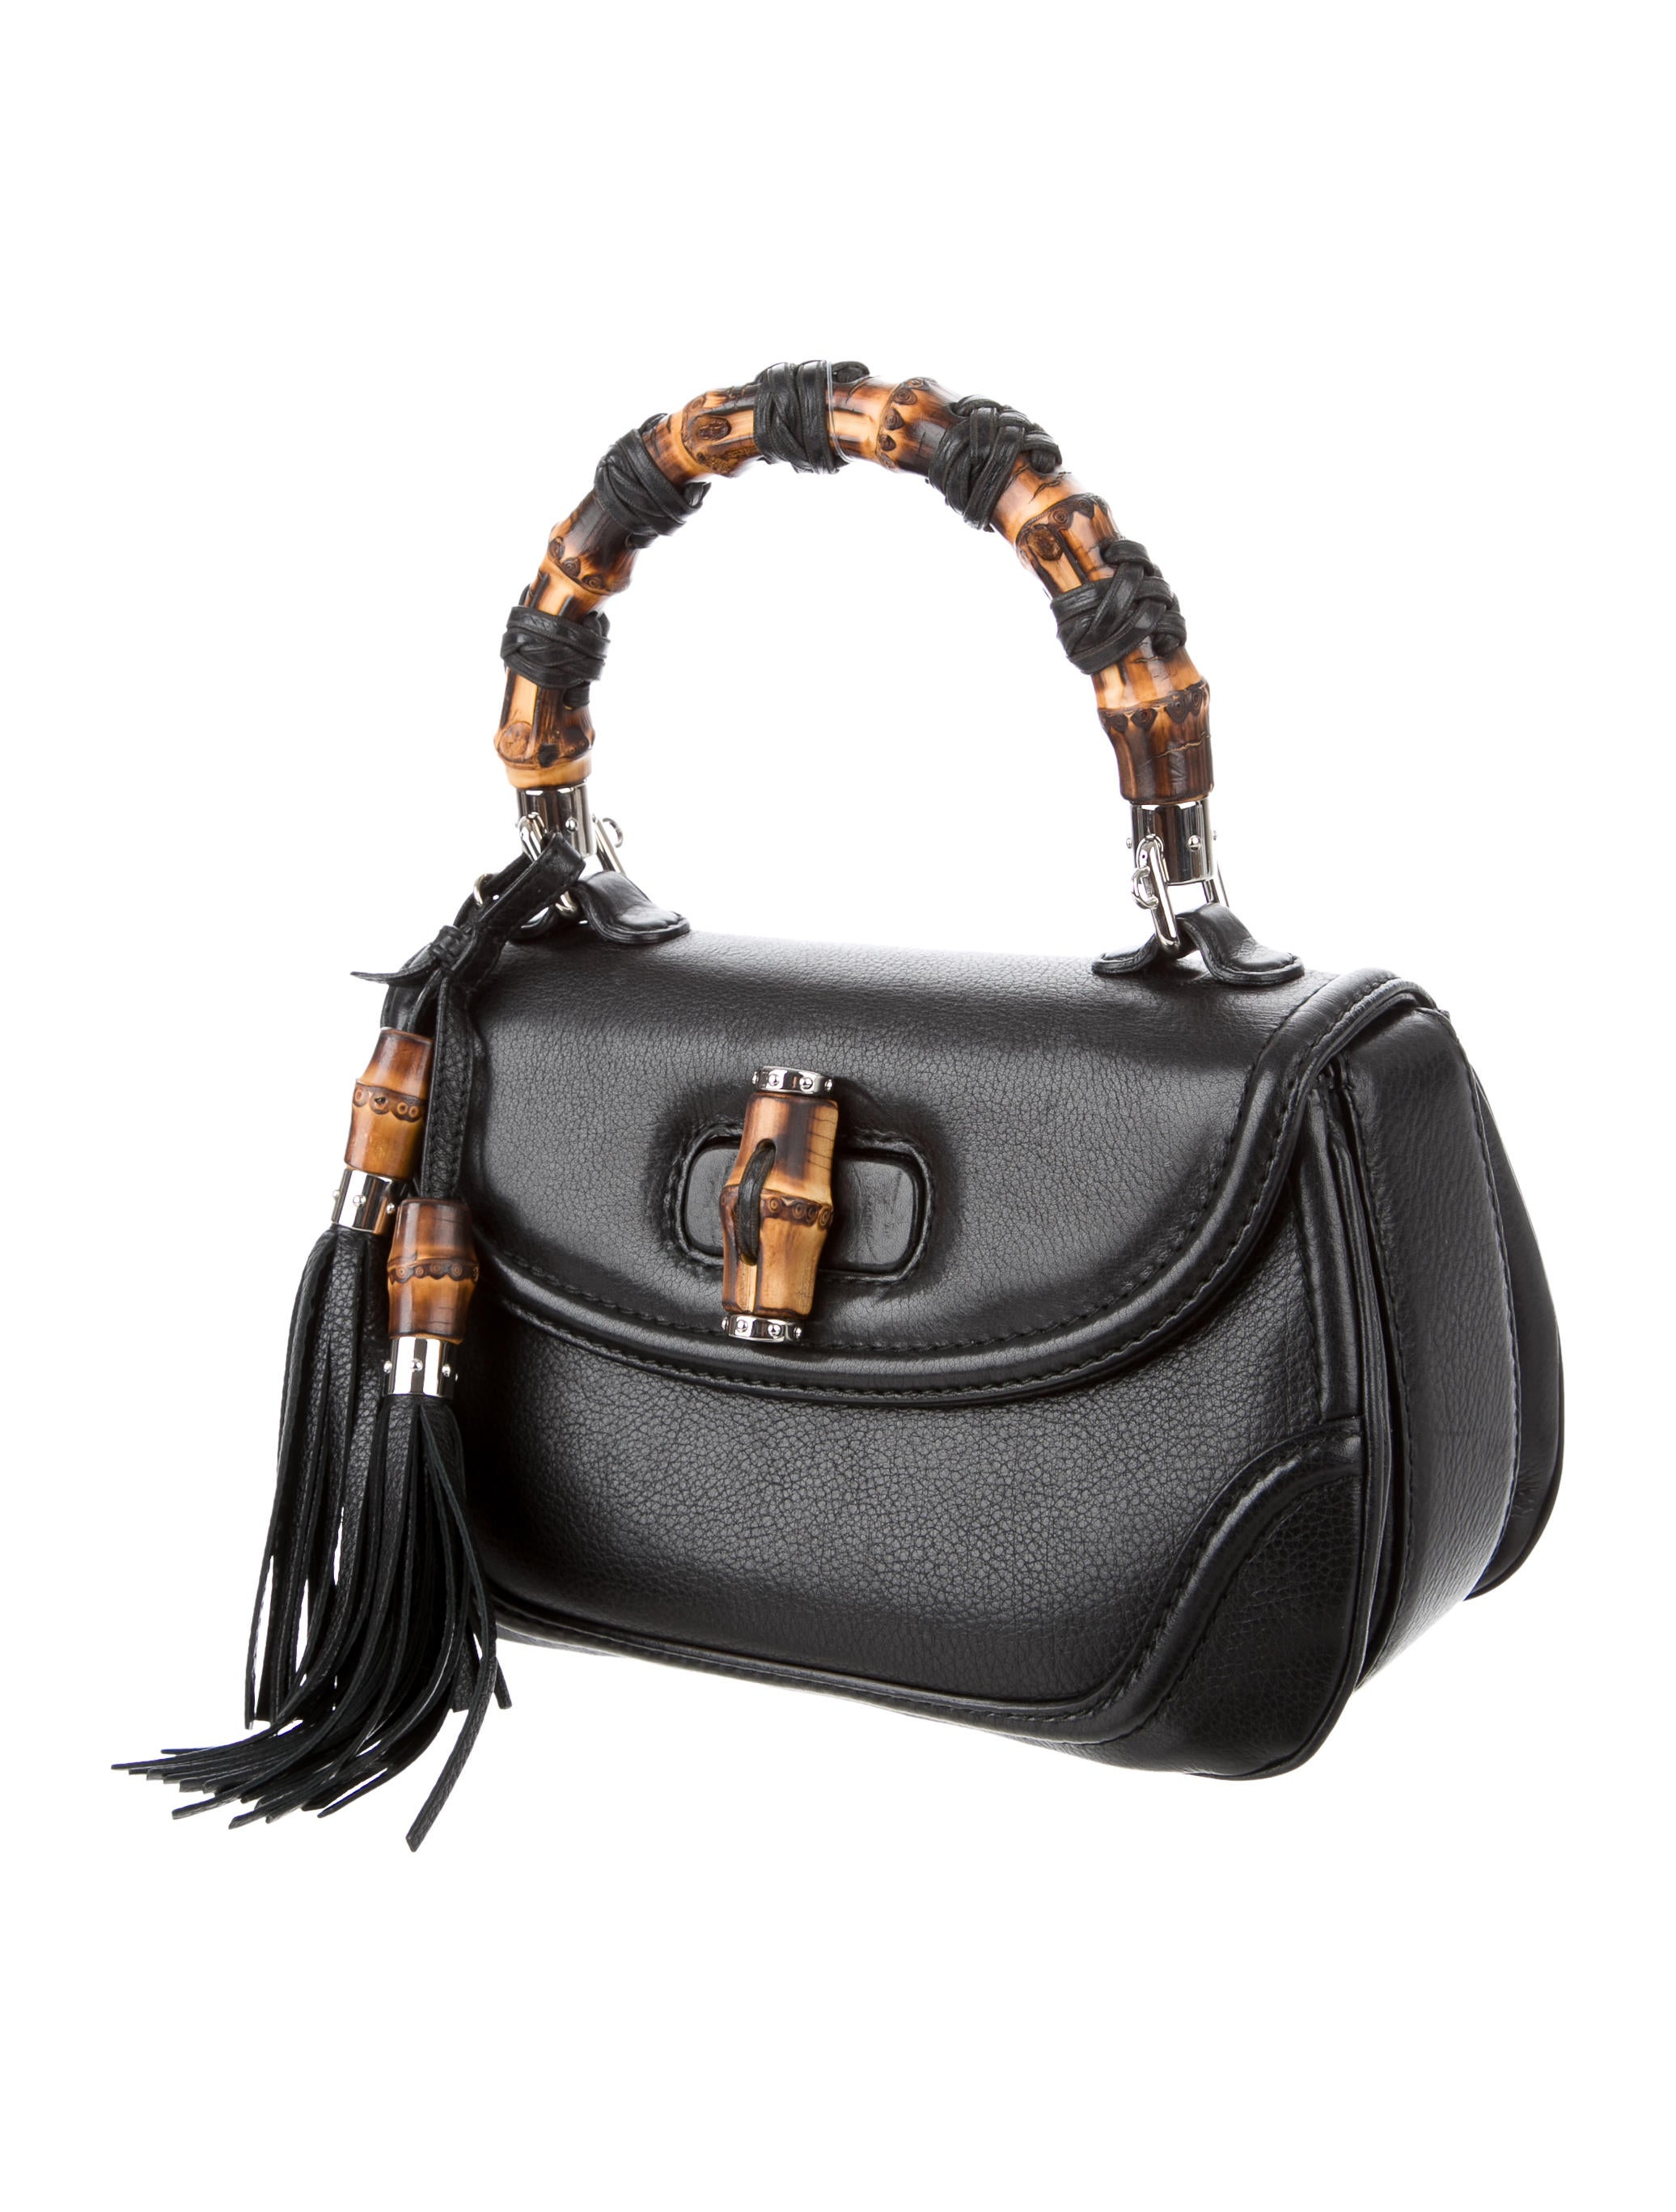 Gucci Small New Bamboo Handle Bag Handbags Guc135188